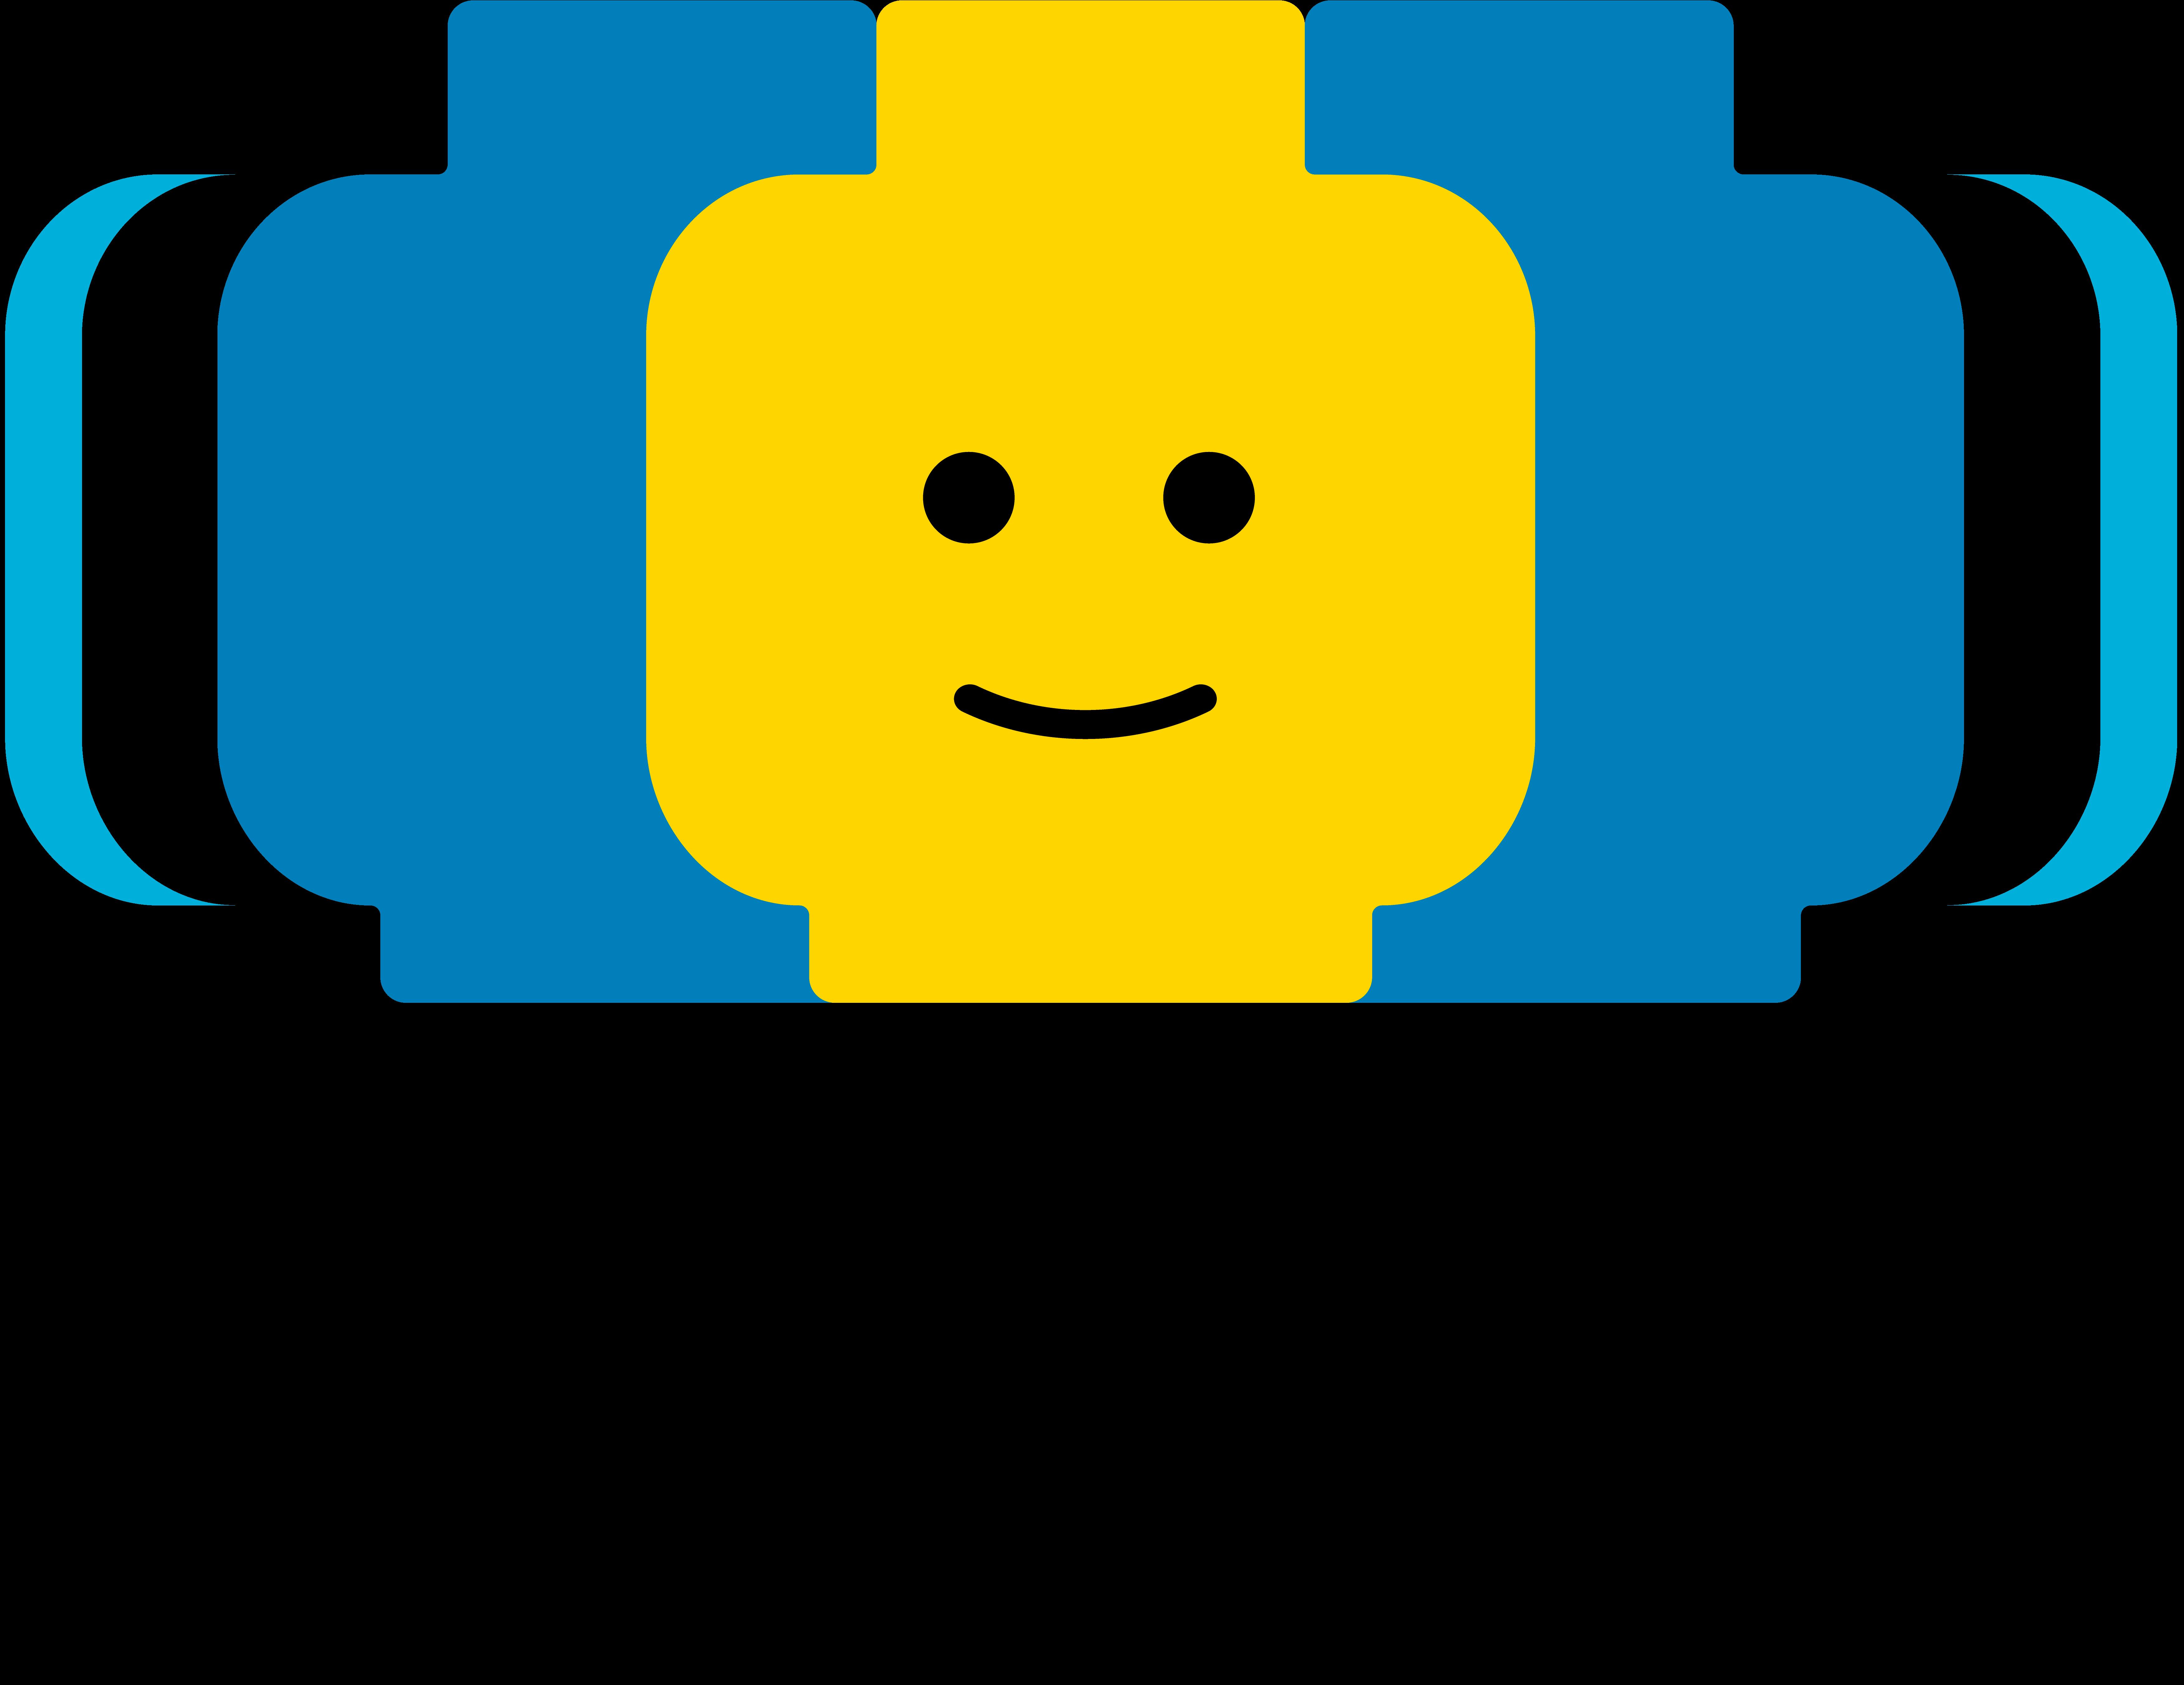 LUG Ambassador